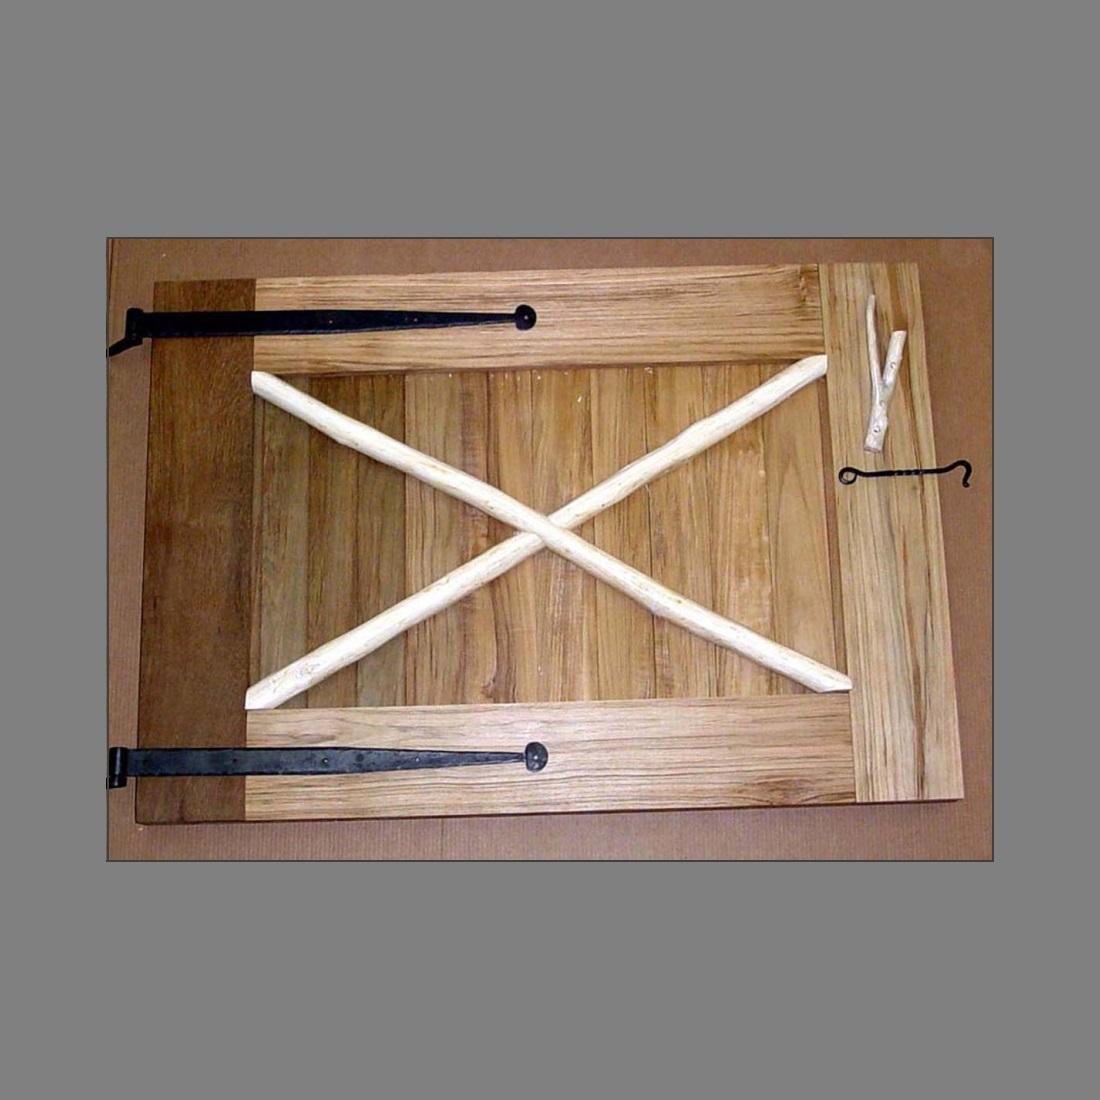 Teak and peeled ironwood gate new bigsquare.jpg